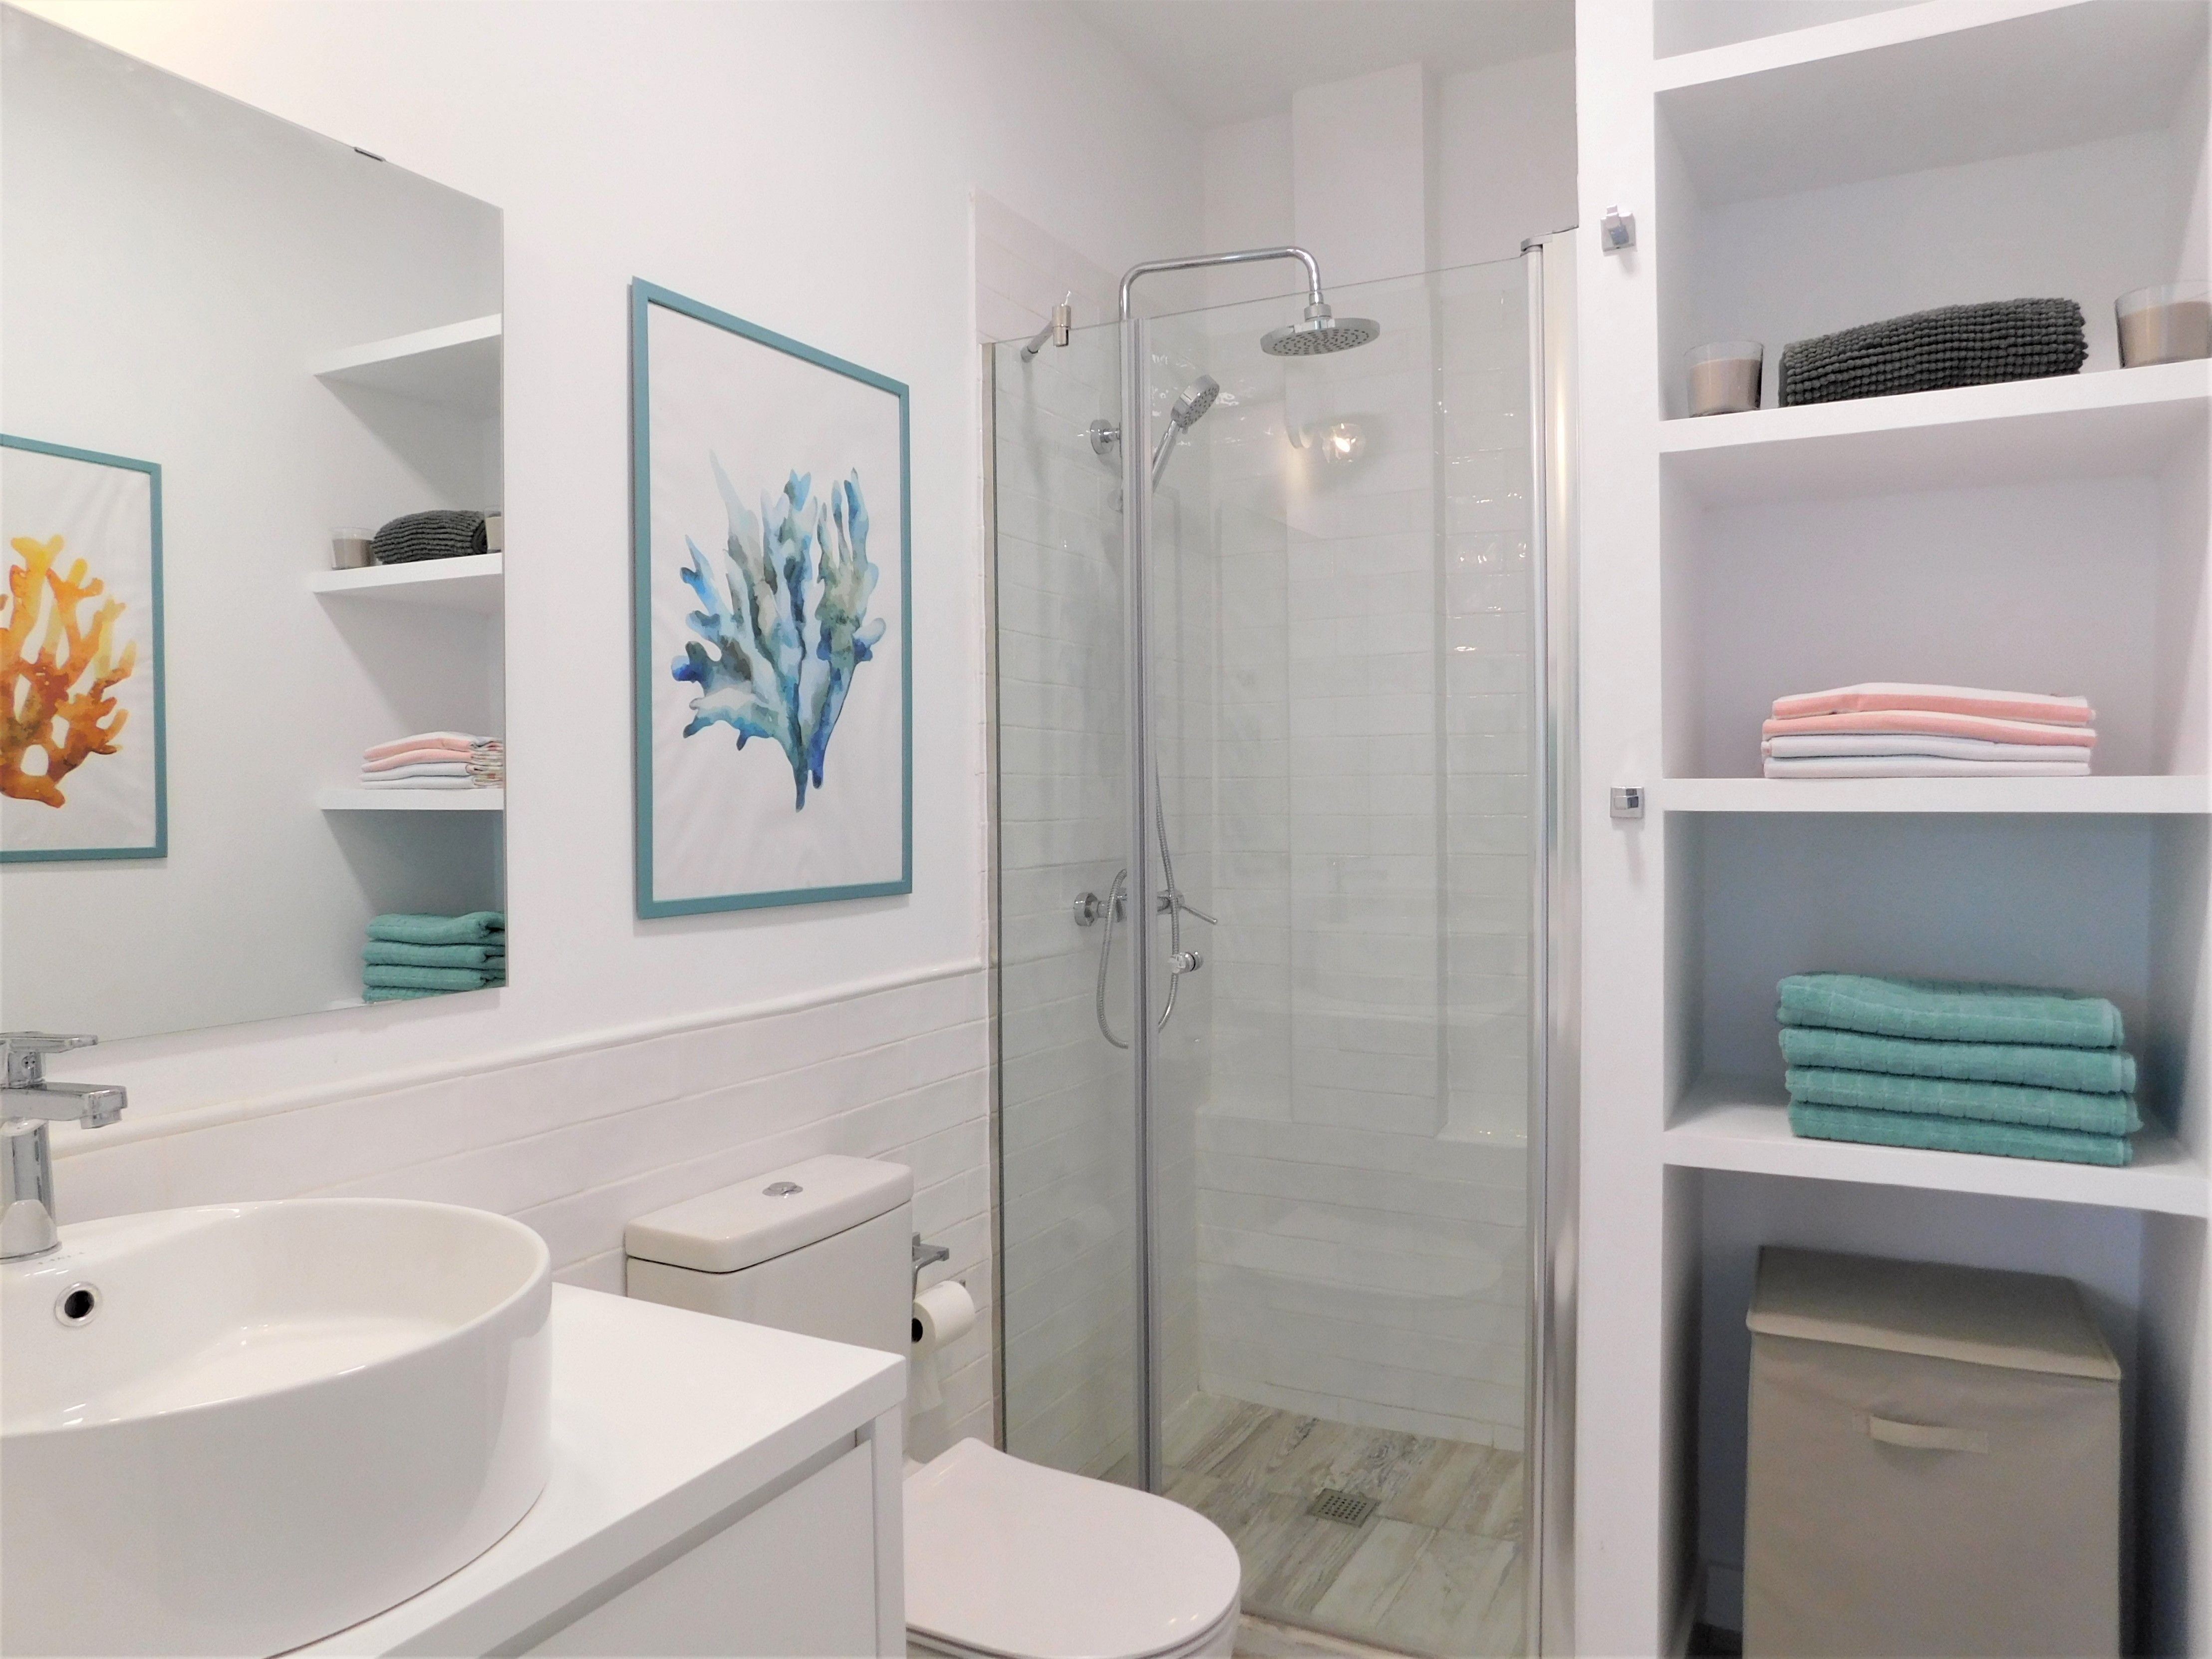 Reforma de ba o azulejo tipo ladrillo en acabado - Azulejos para duchas de obra ...